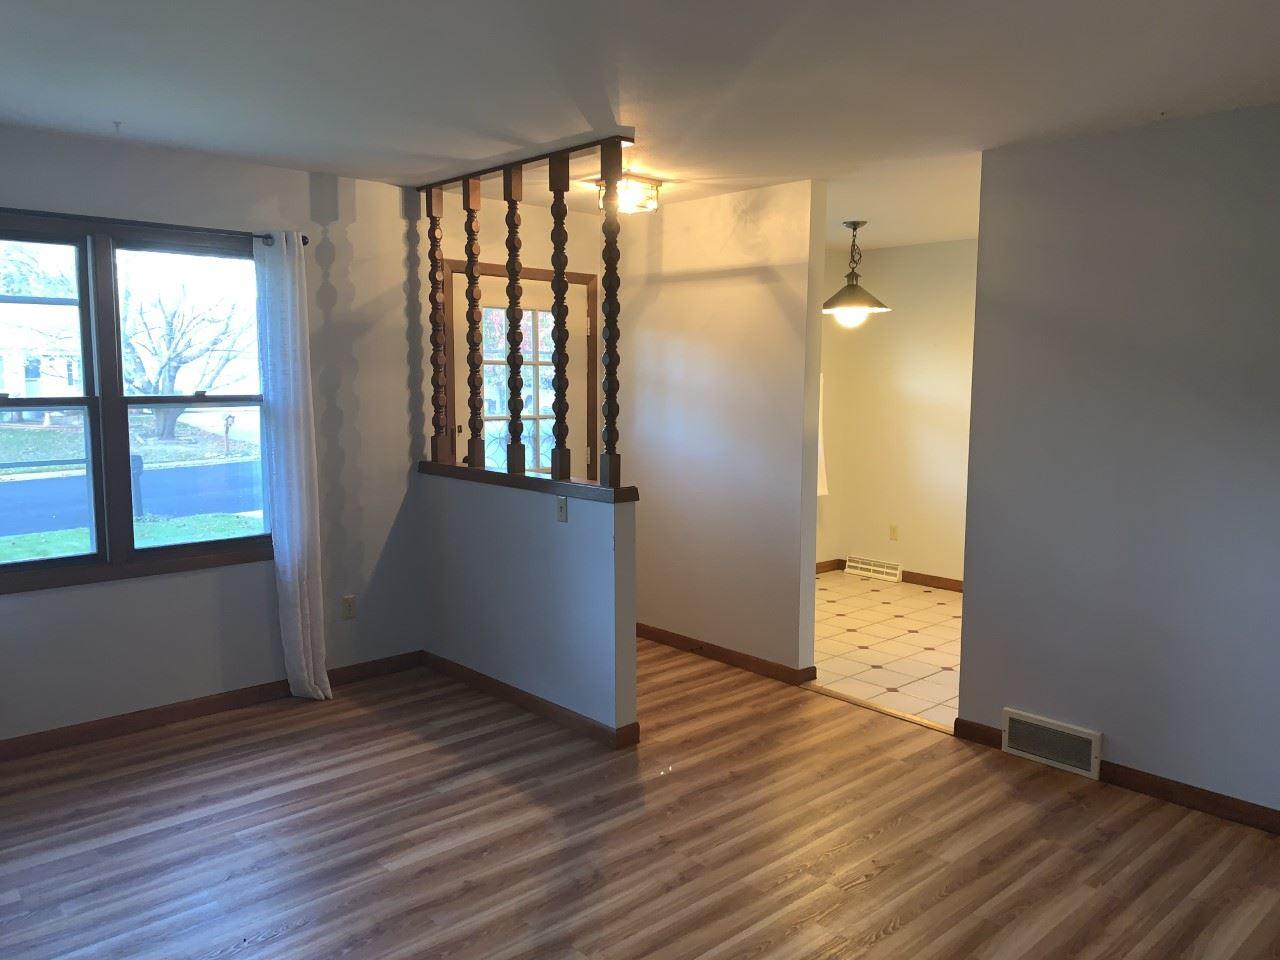 5709 Sauk Ln, Mcfarland, Wisconsin 53558-0110, 2 Bedrooms Bedrooms, ,Rental,For Rent,Sauk Ln,1898955